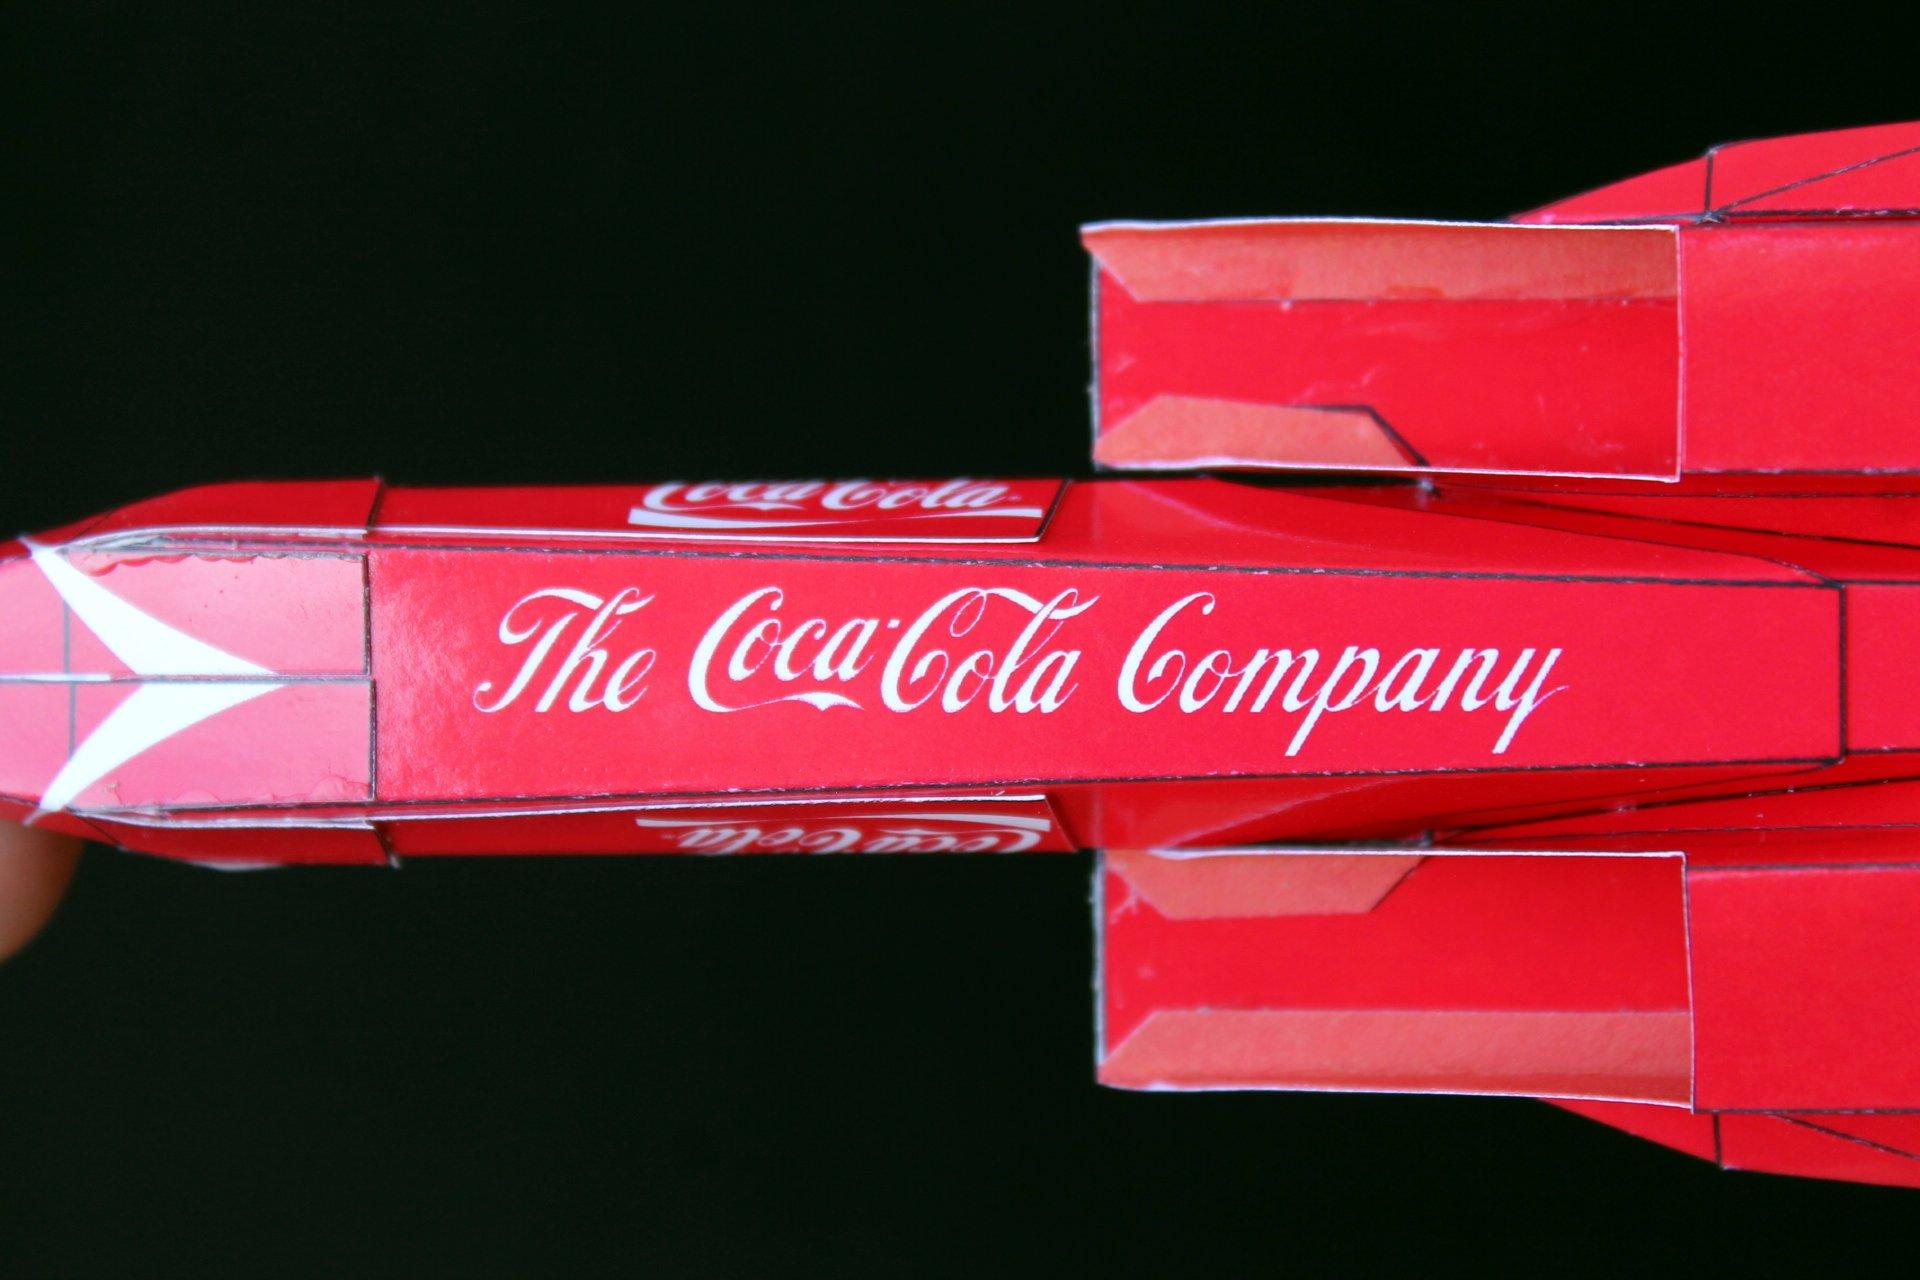 Coca-Cola Paper-F15-12